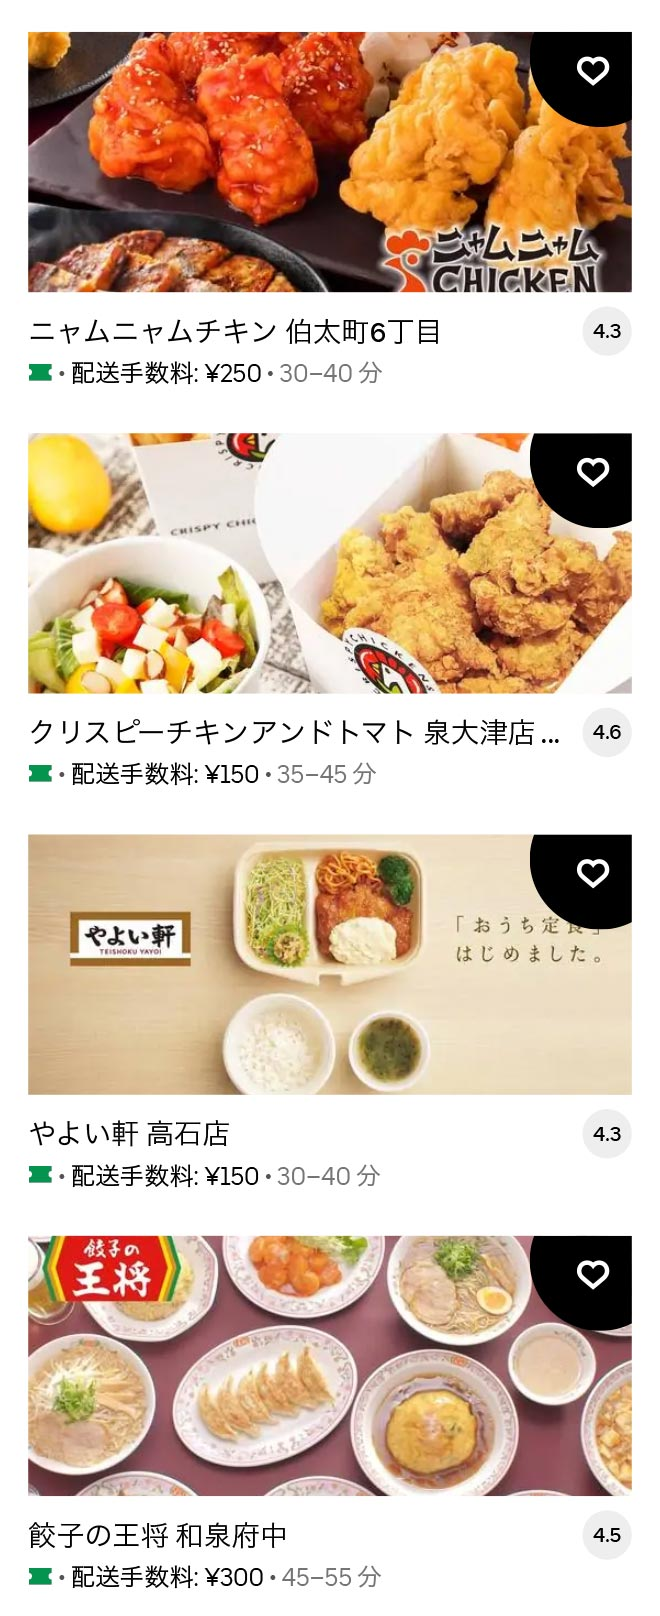 U takaishi 2105 02